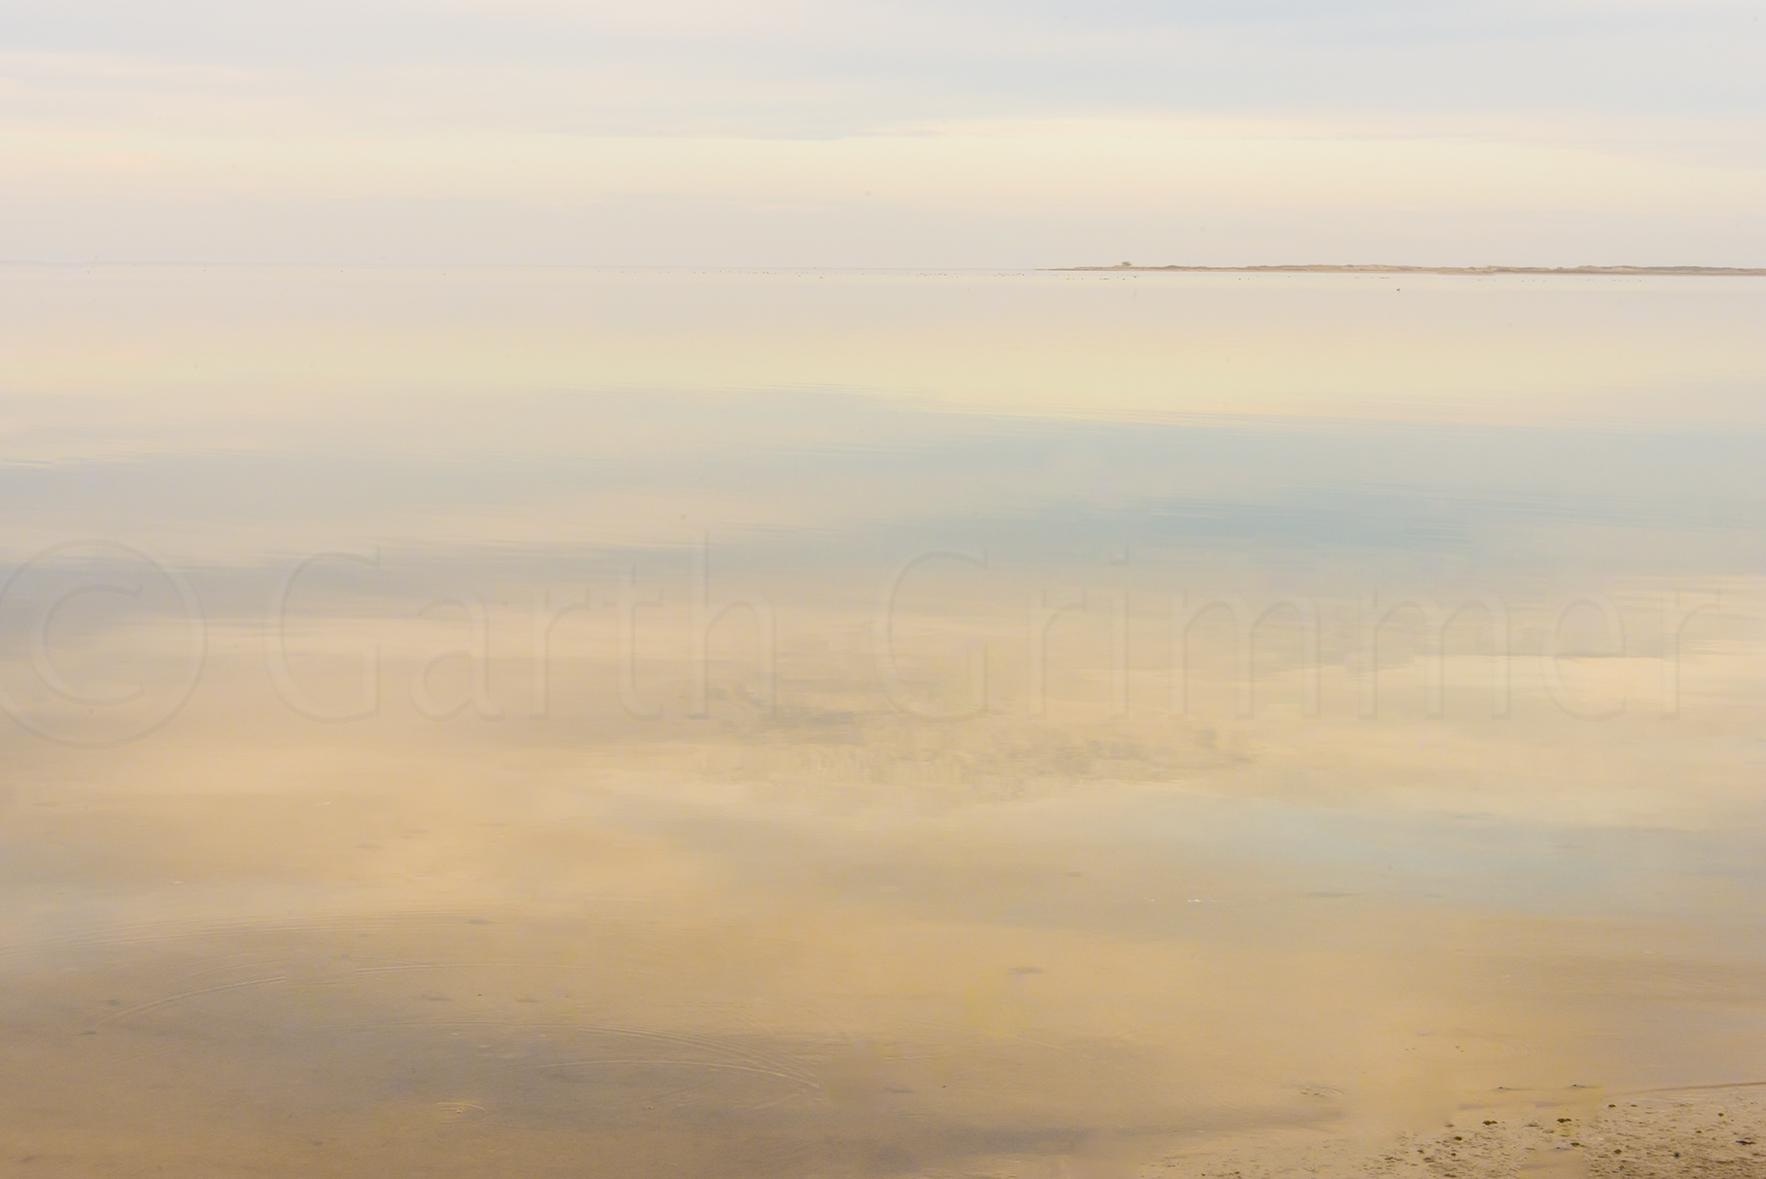 Sky meets sea at Mdaket